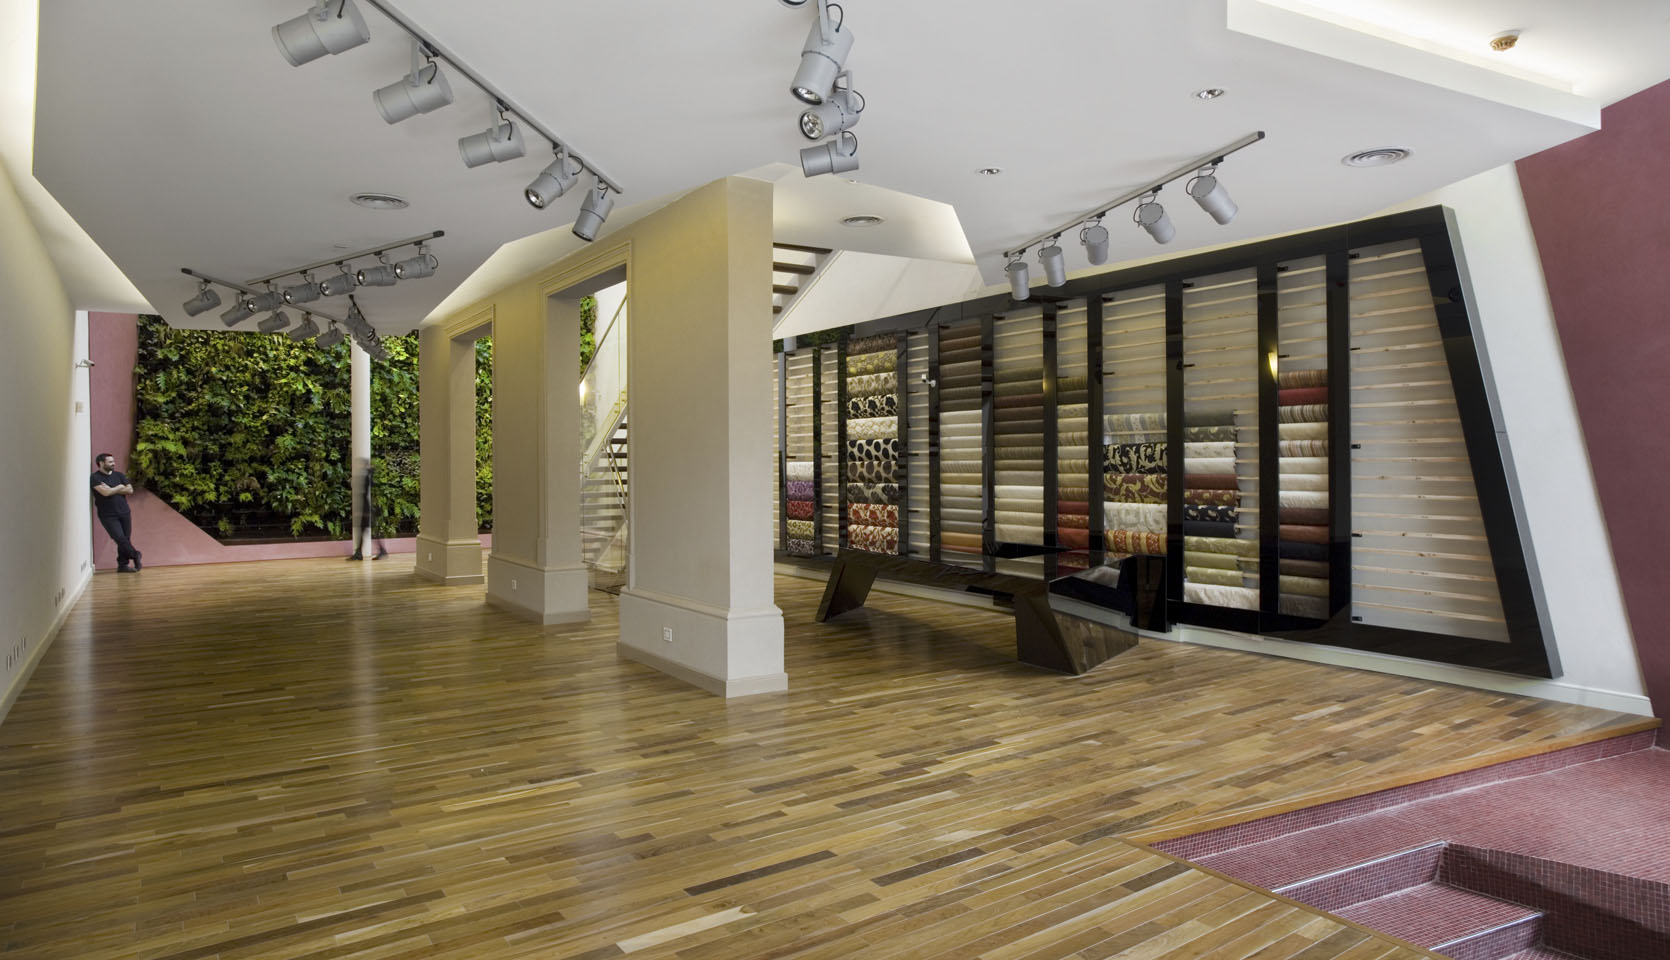 Diseño interior de locales, diseño de iluminaria en locales